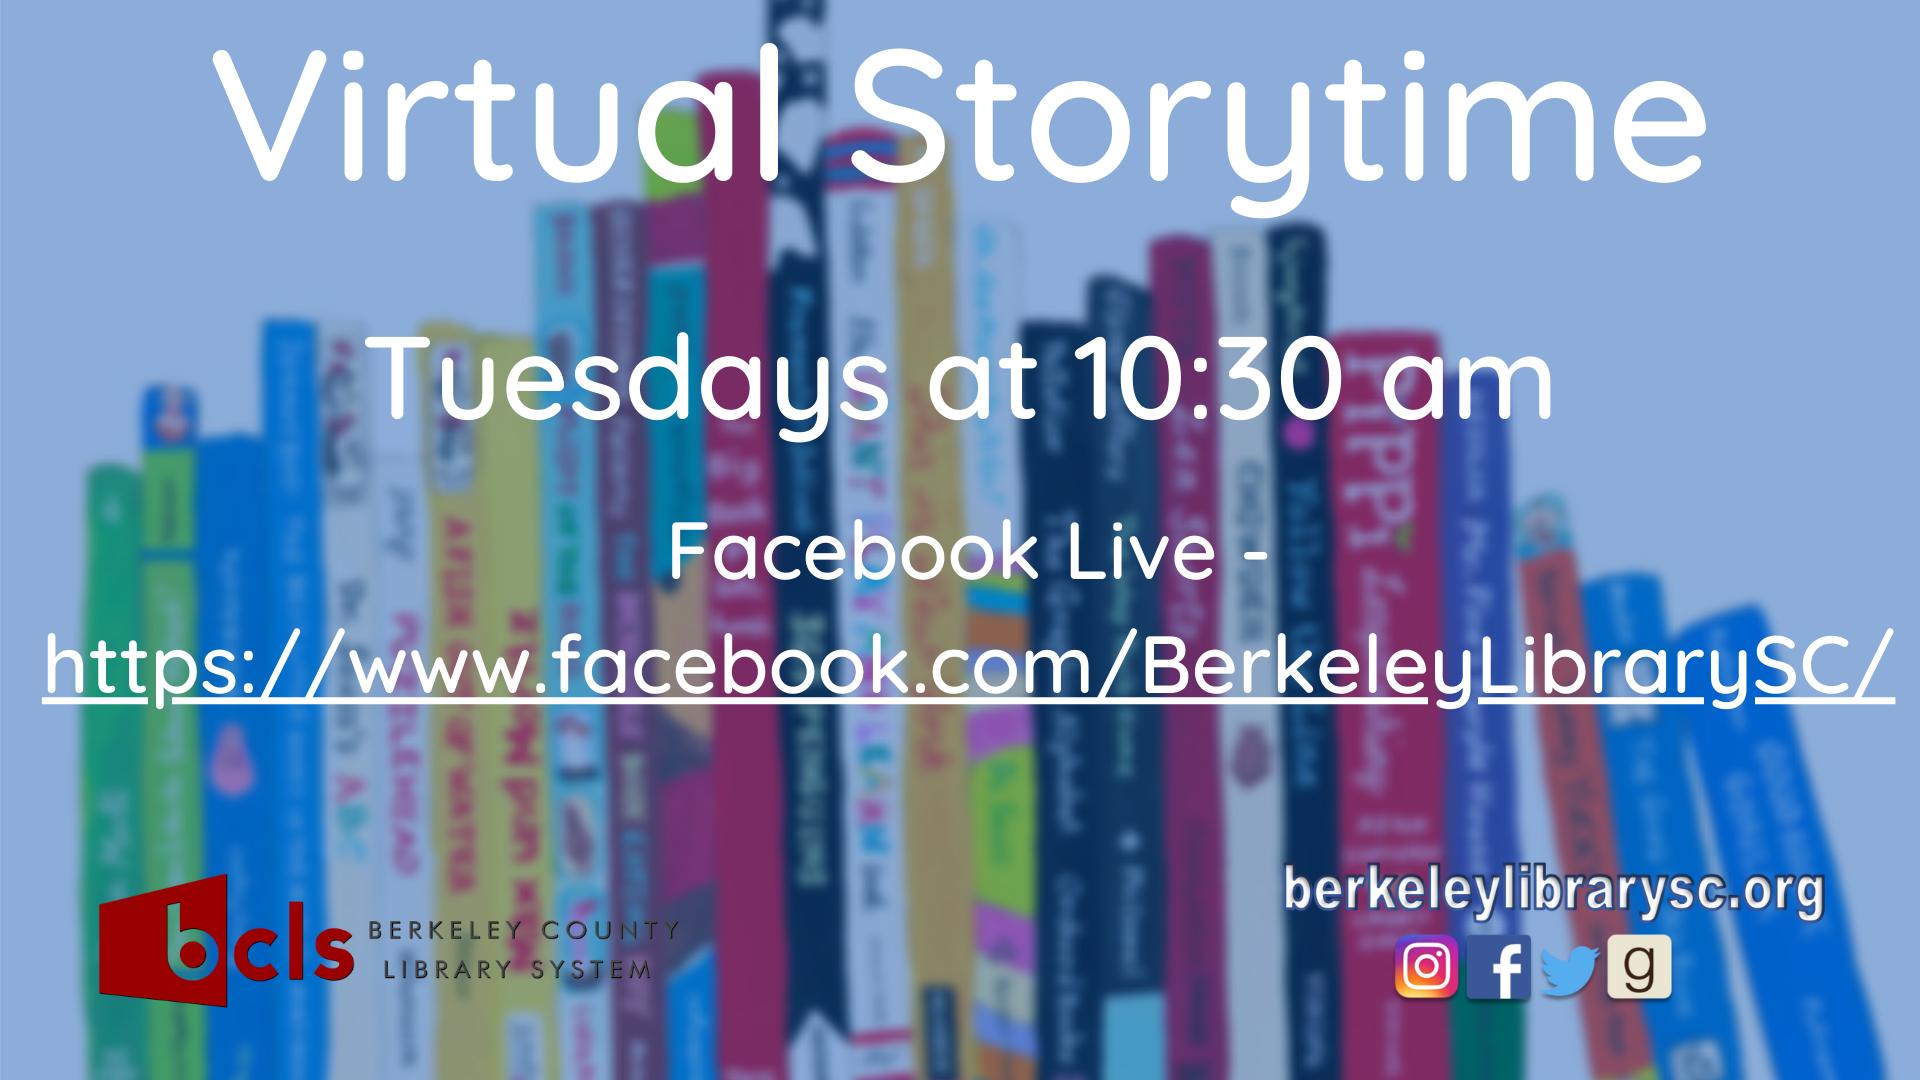 Facebook Live Storytime!